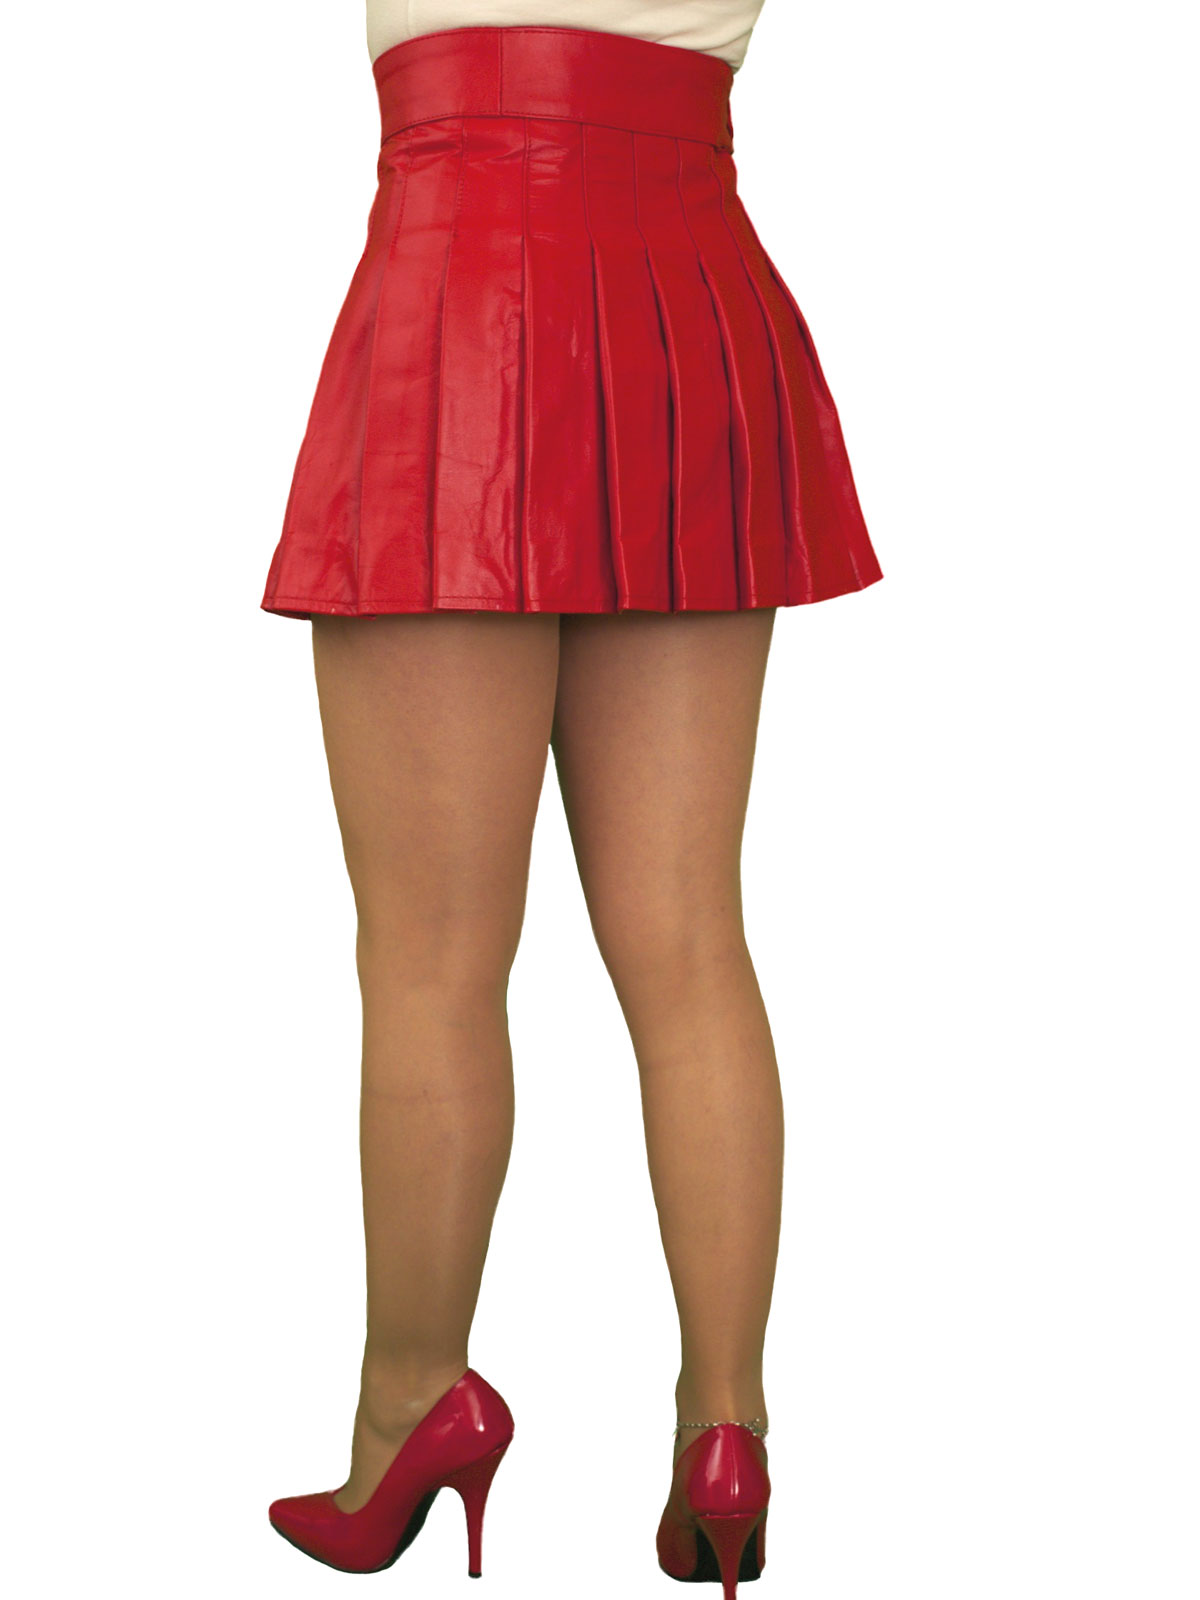 wrap around leather mini skirt kilt tout ensemble